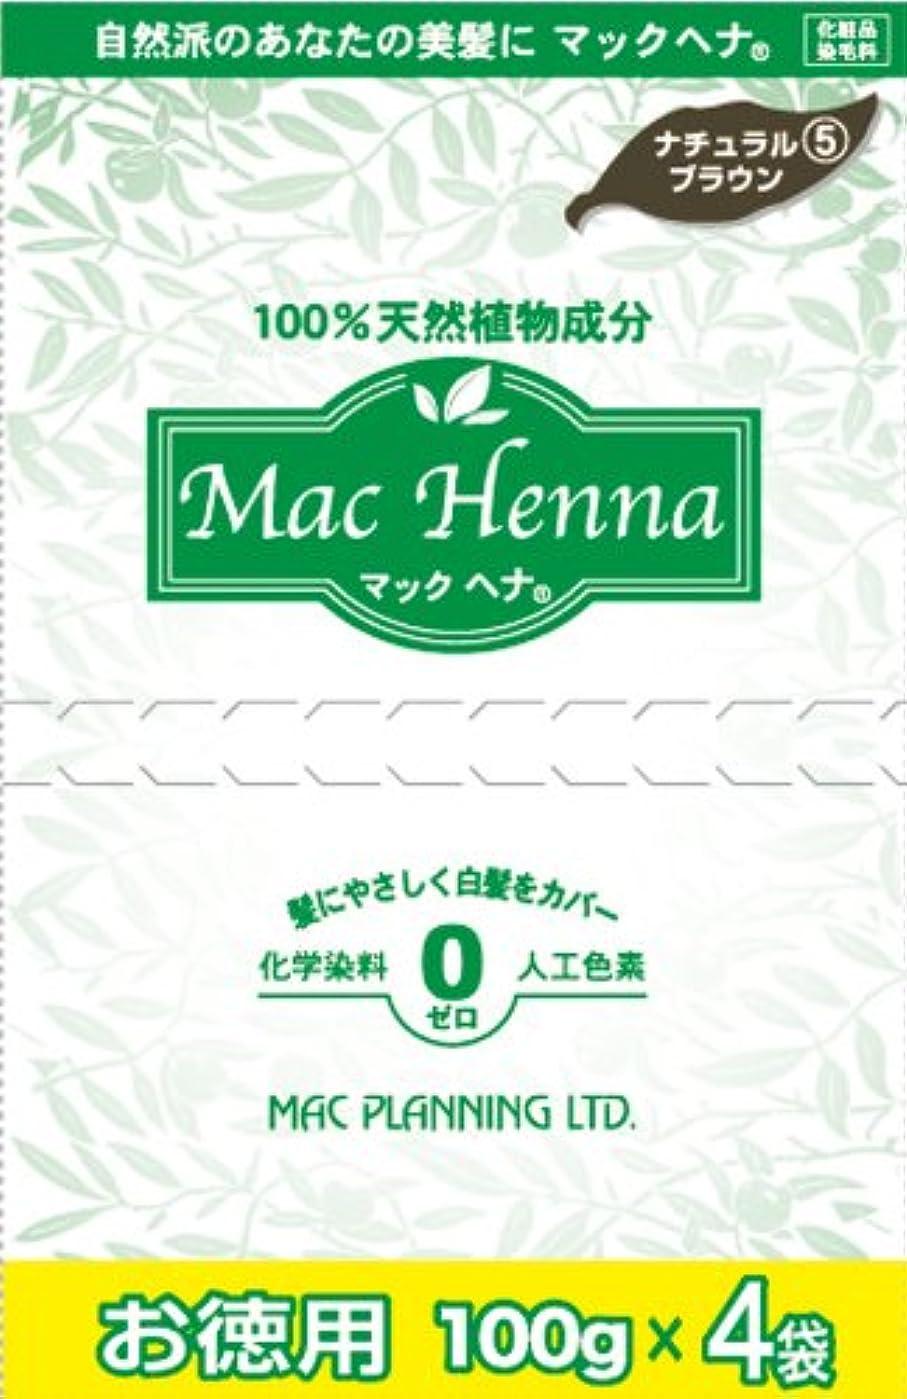 補う富豪化学天然植物原料100% 無添加 マックヘナ お徳用(ナチュラルブラウン)-5  400g(100g×4袋)2箱セット